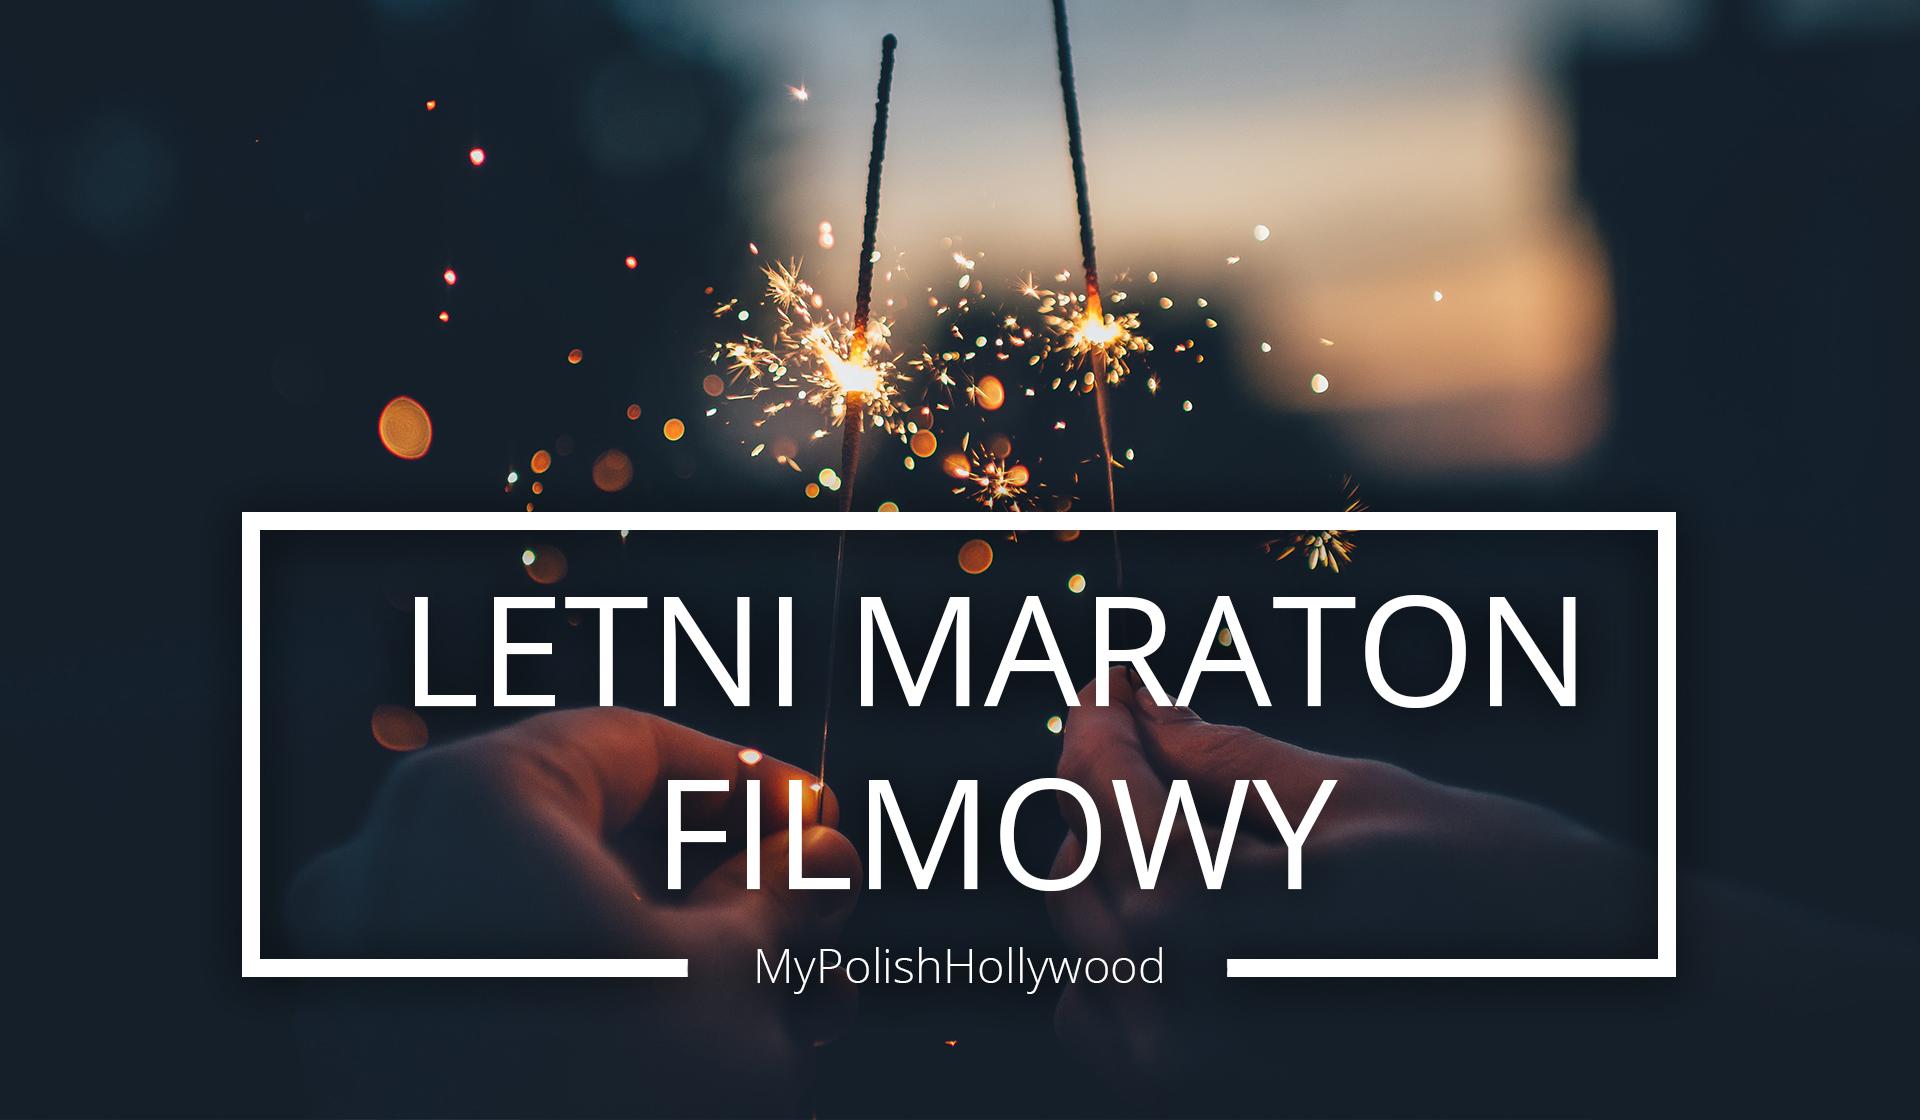 Gwiazdy nad głową i na ekranie  Czyli letni maraton filmowy!